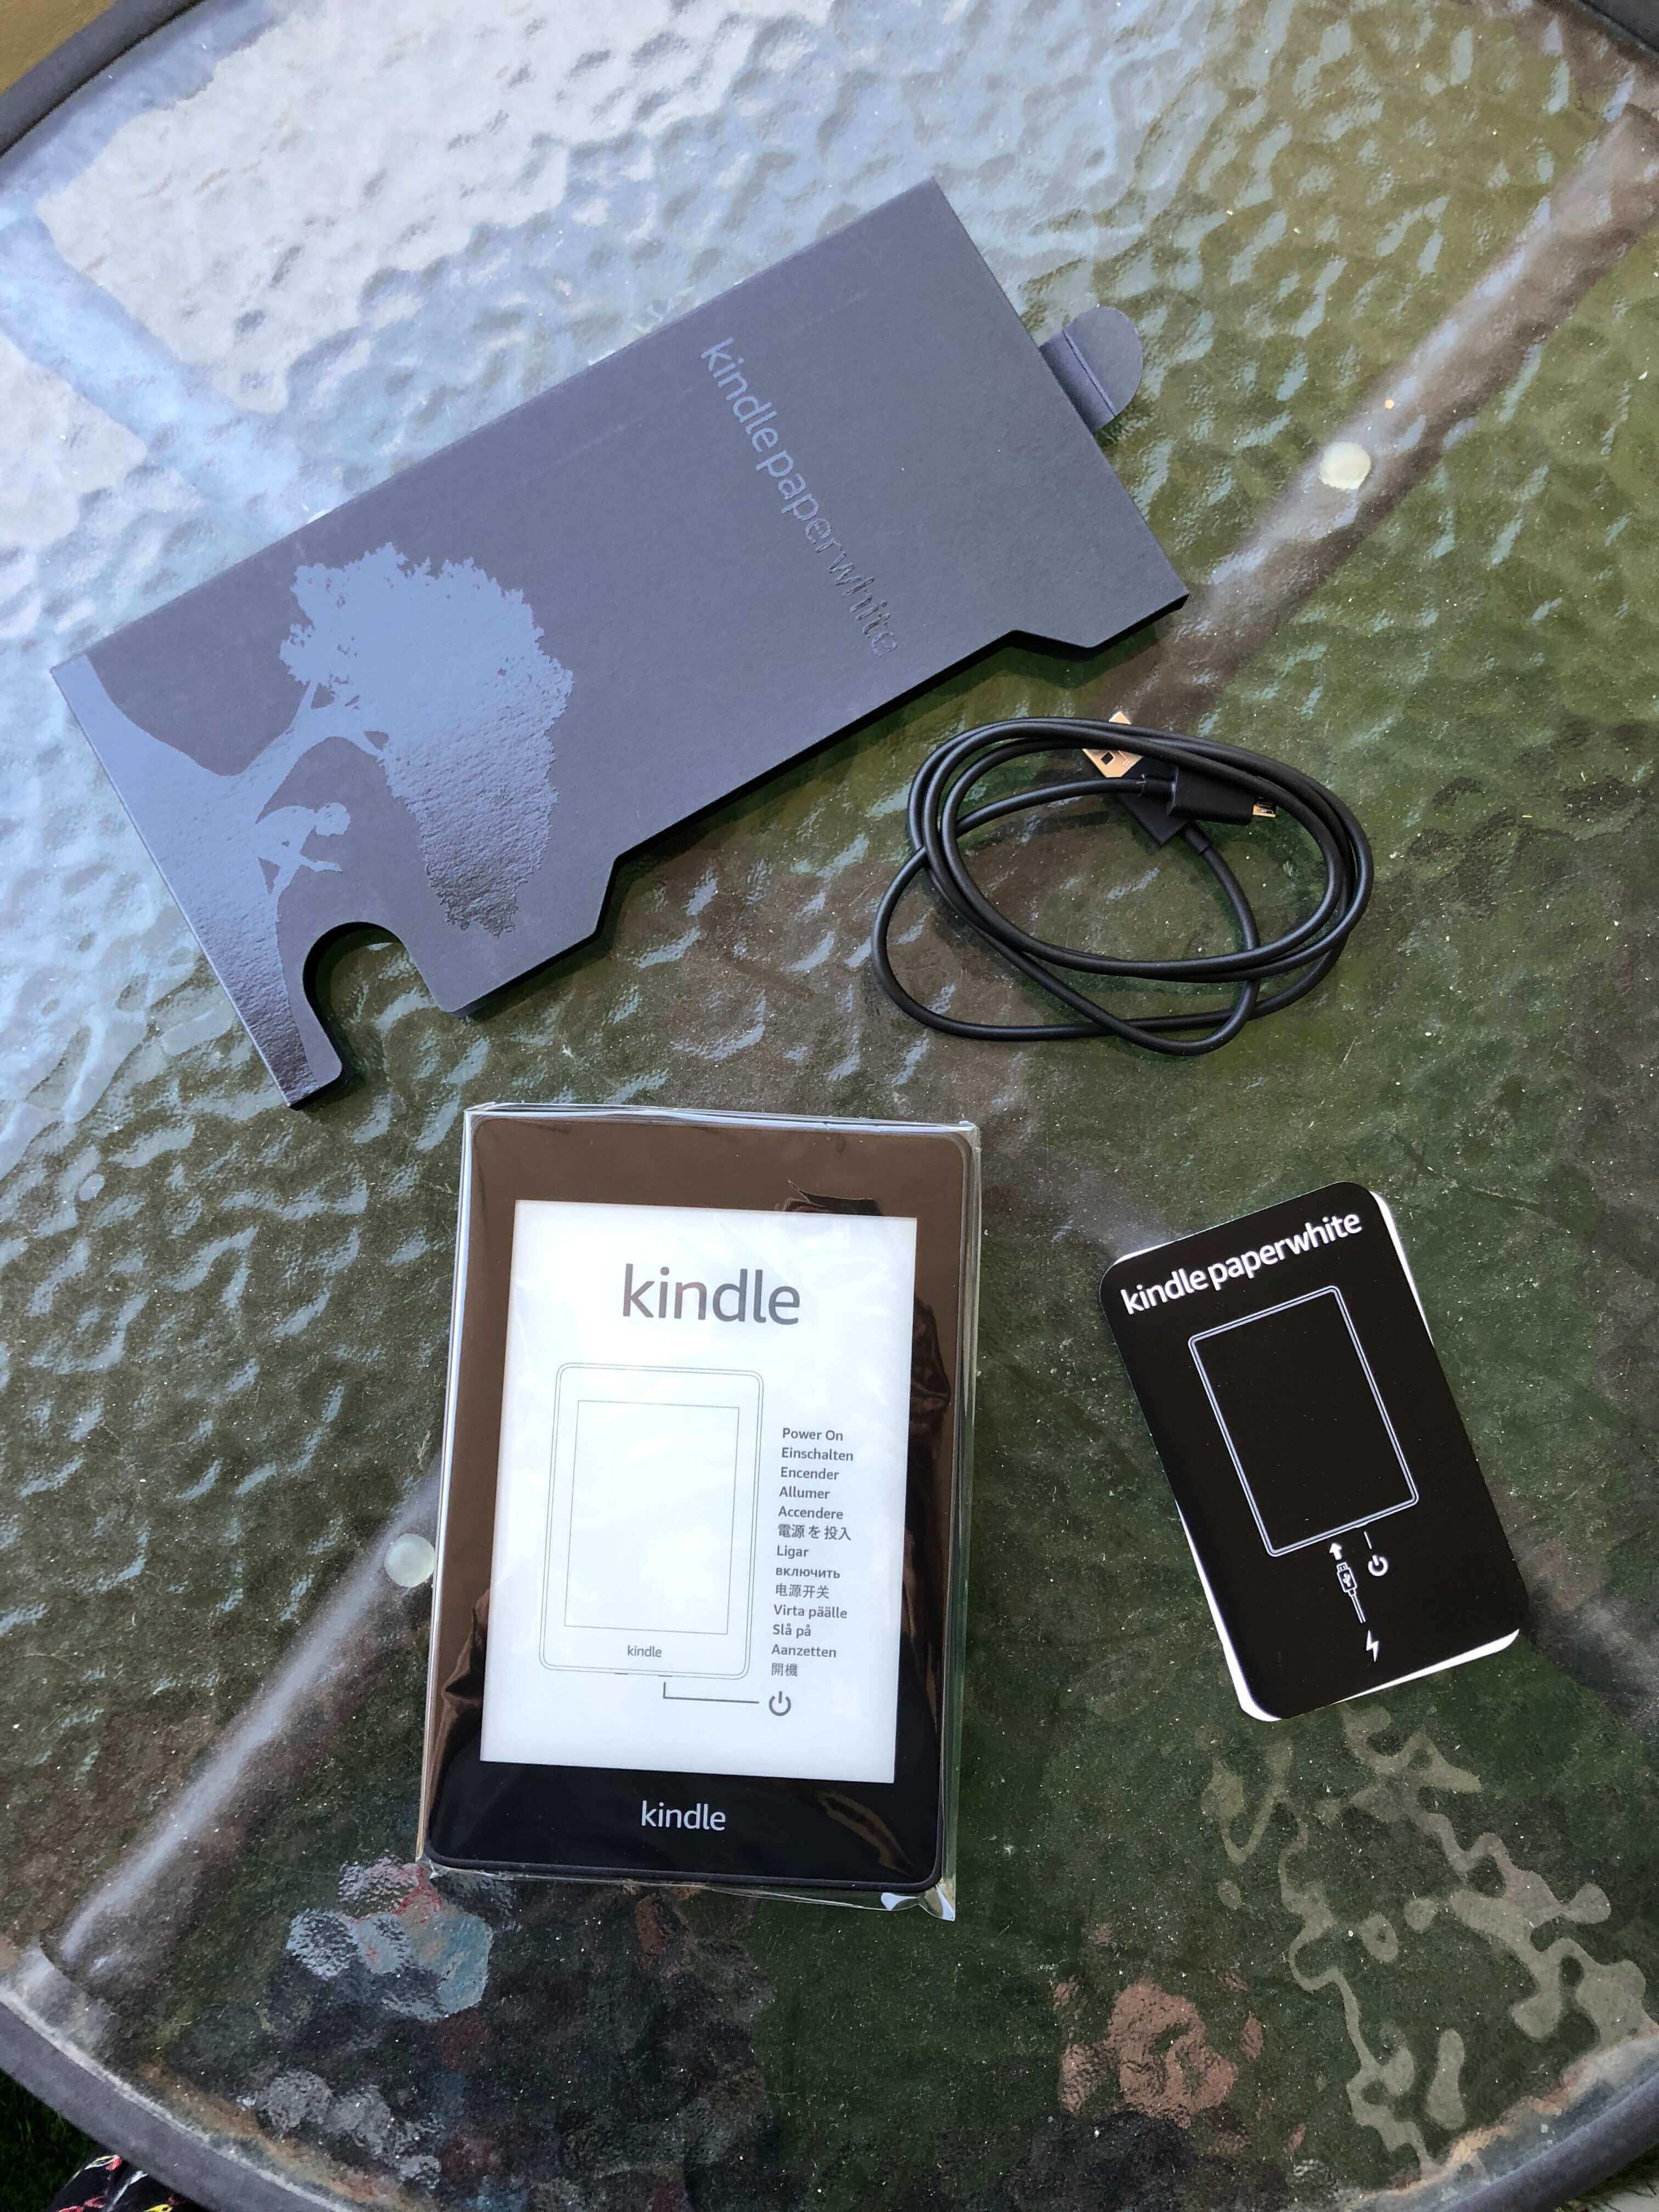 Meilleurs Livres Gratuits Kindle : meilleurs, livres, gratuits, kindle, Amazon, Liseuse, Kindle:, Comment, Marche?, Guide, Démarrage.